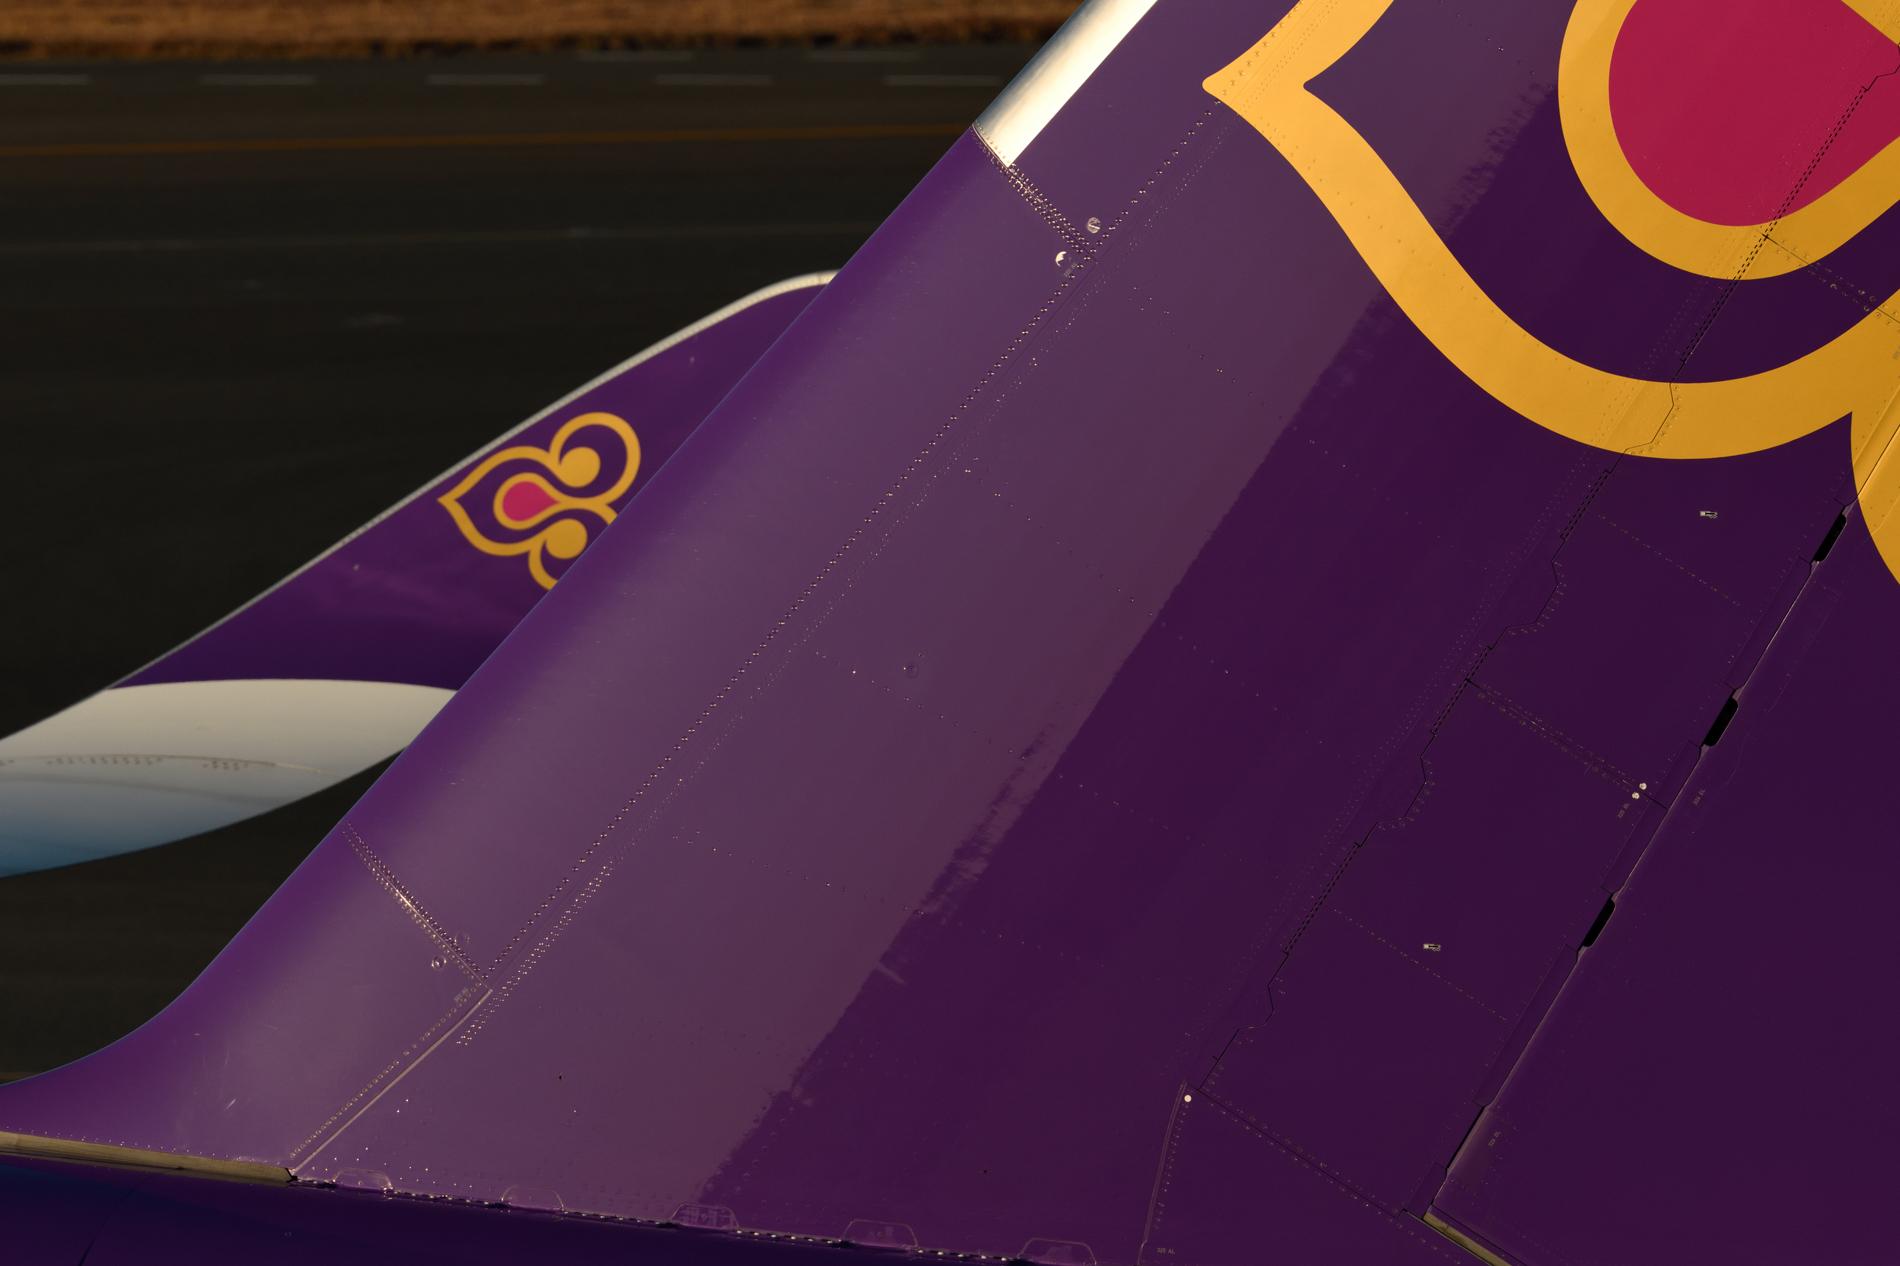 艶やかな紫